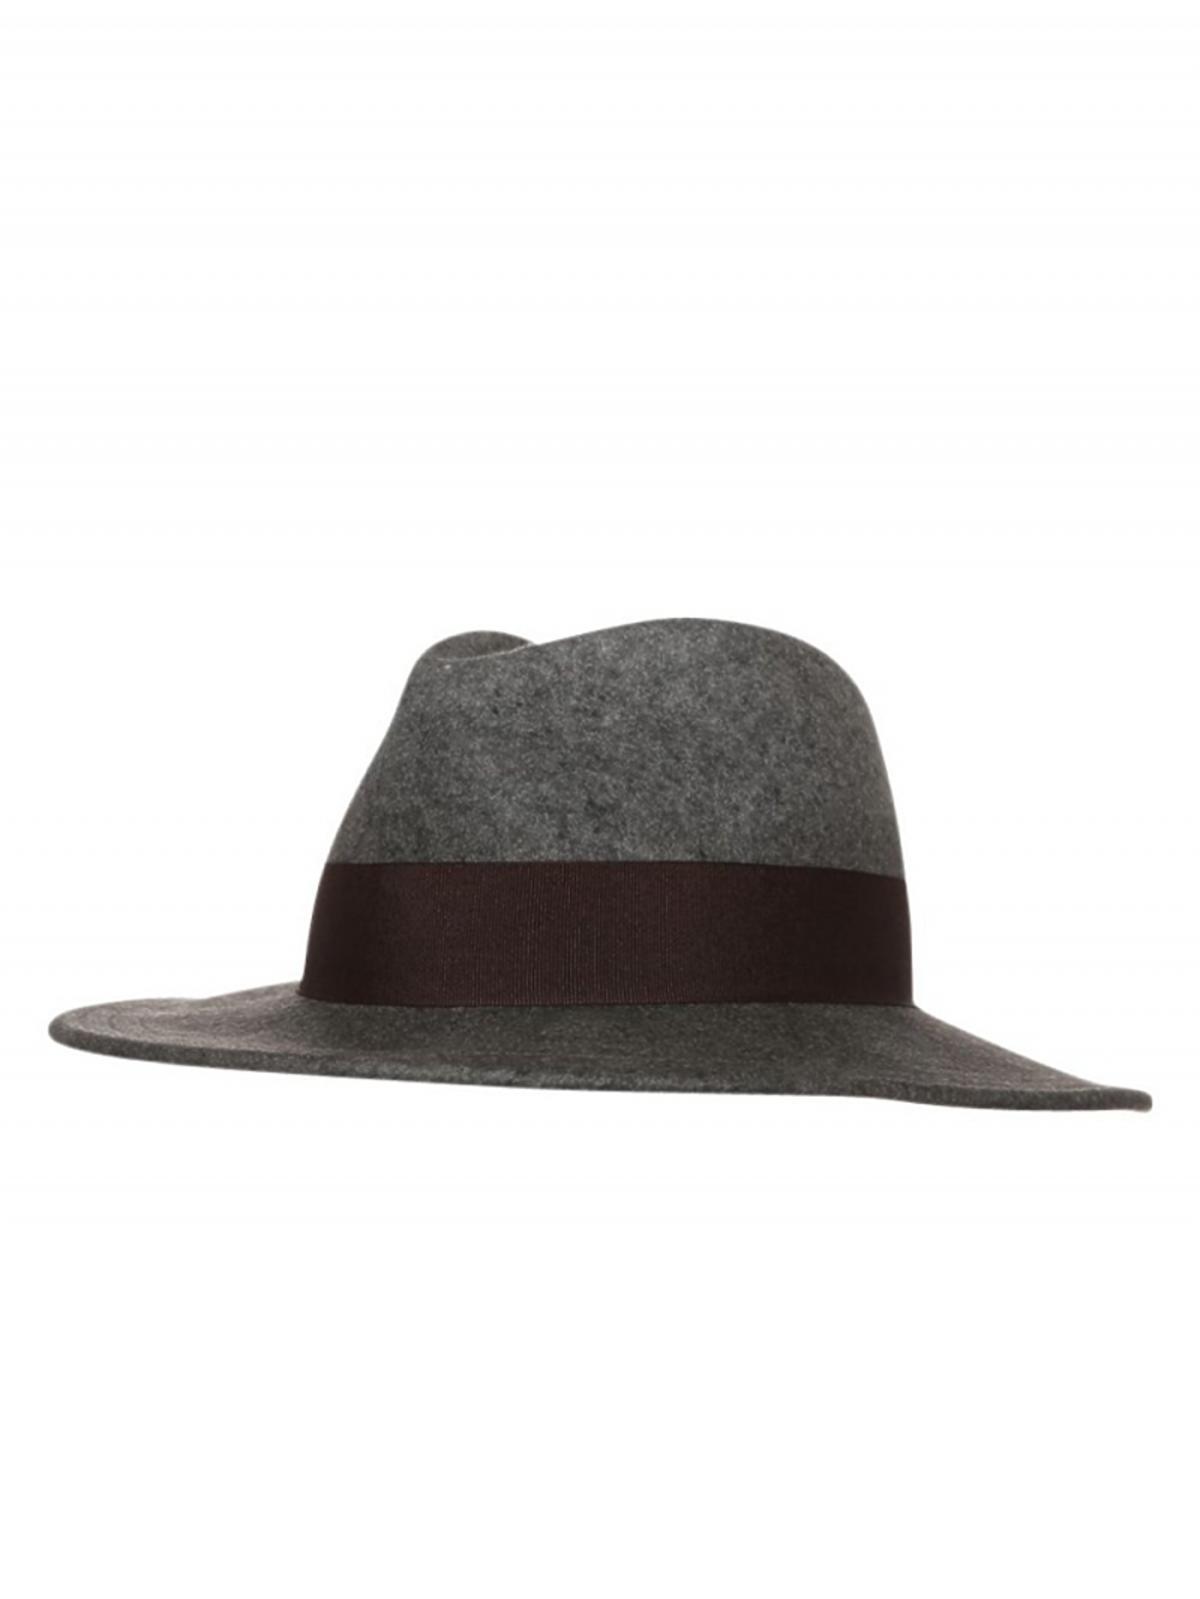 szary kapelusz